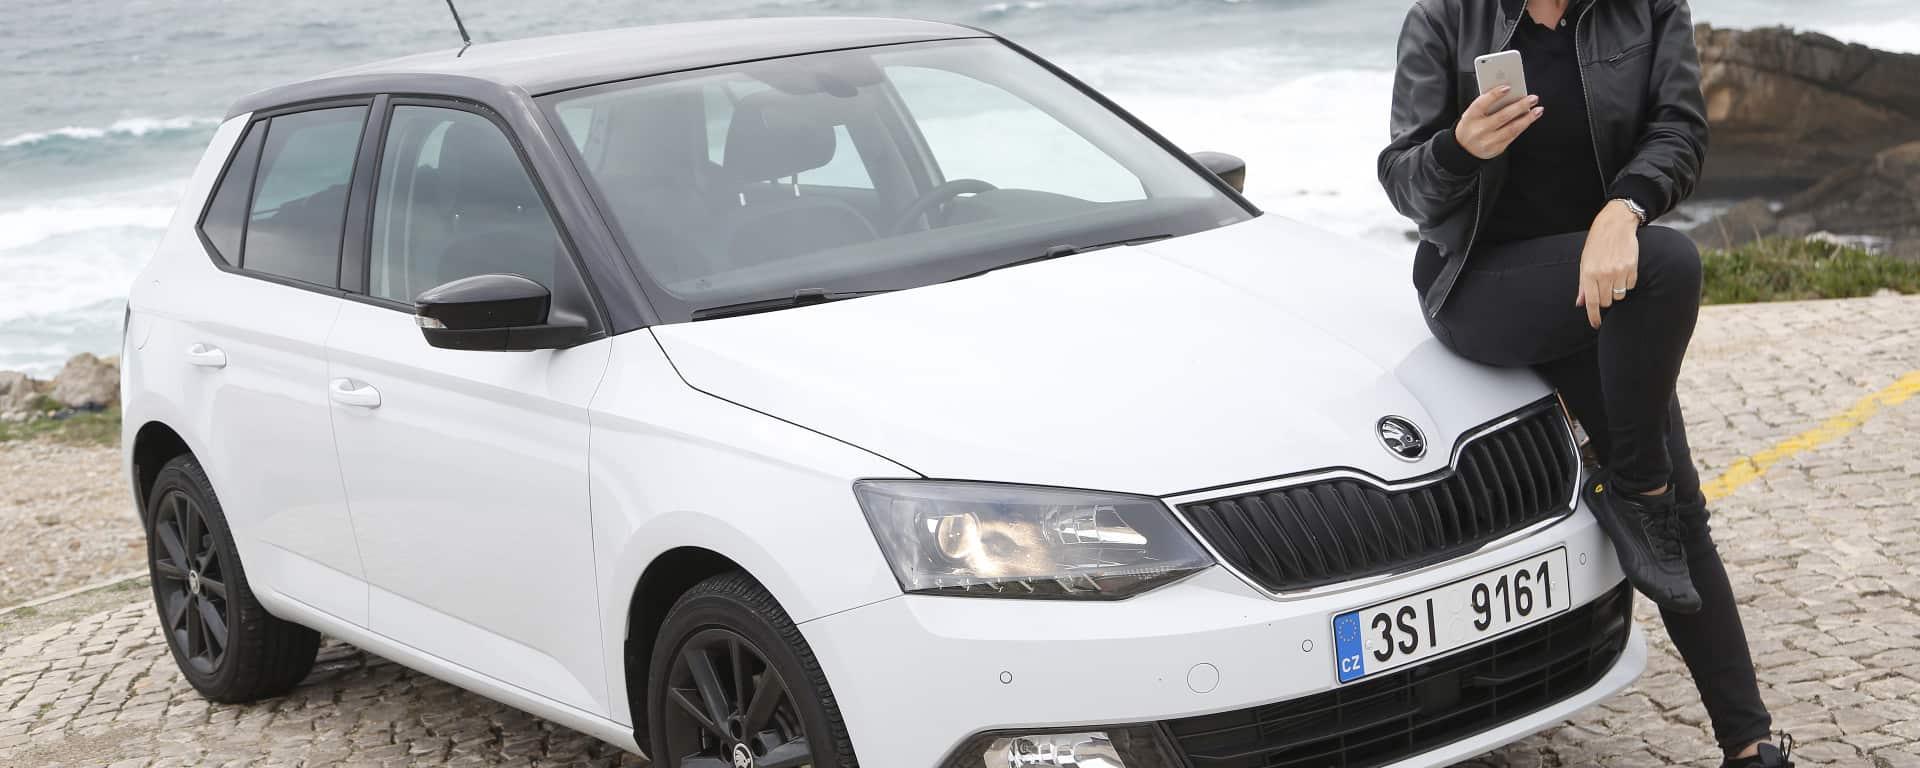 Škoda Fabia mit frischem Wind ab 15.11. in den Autohäusern 1